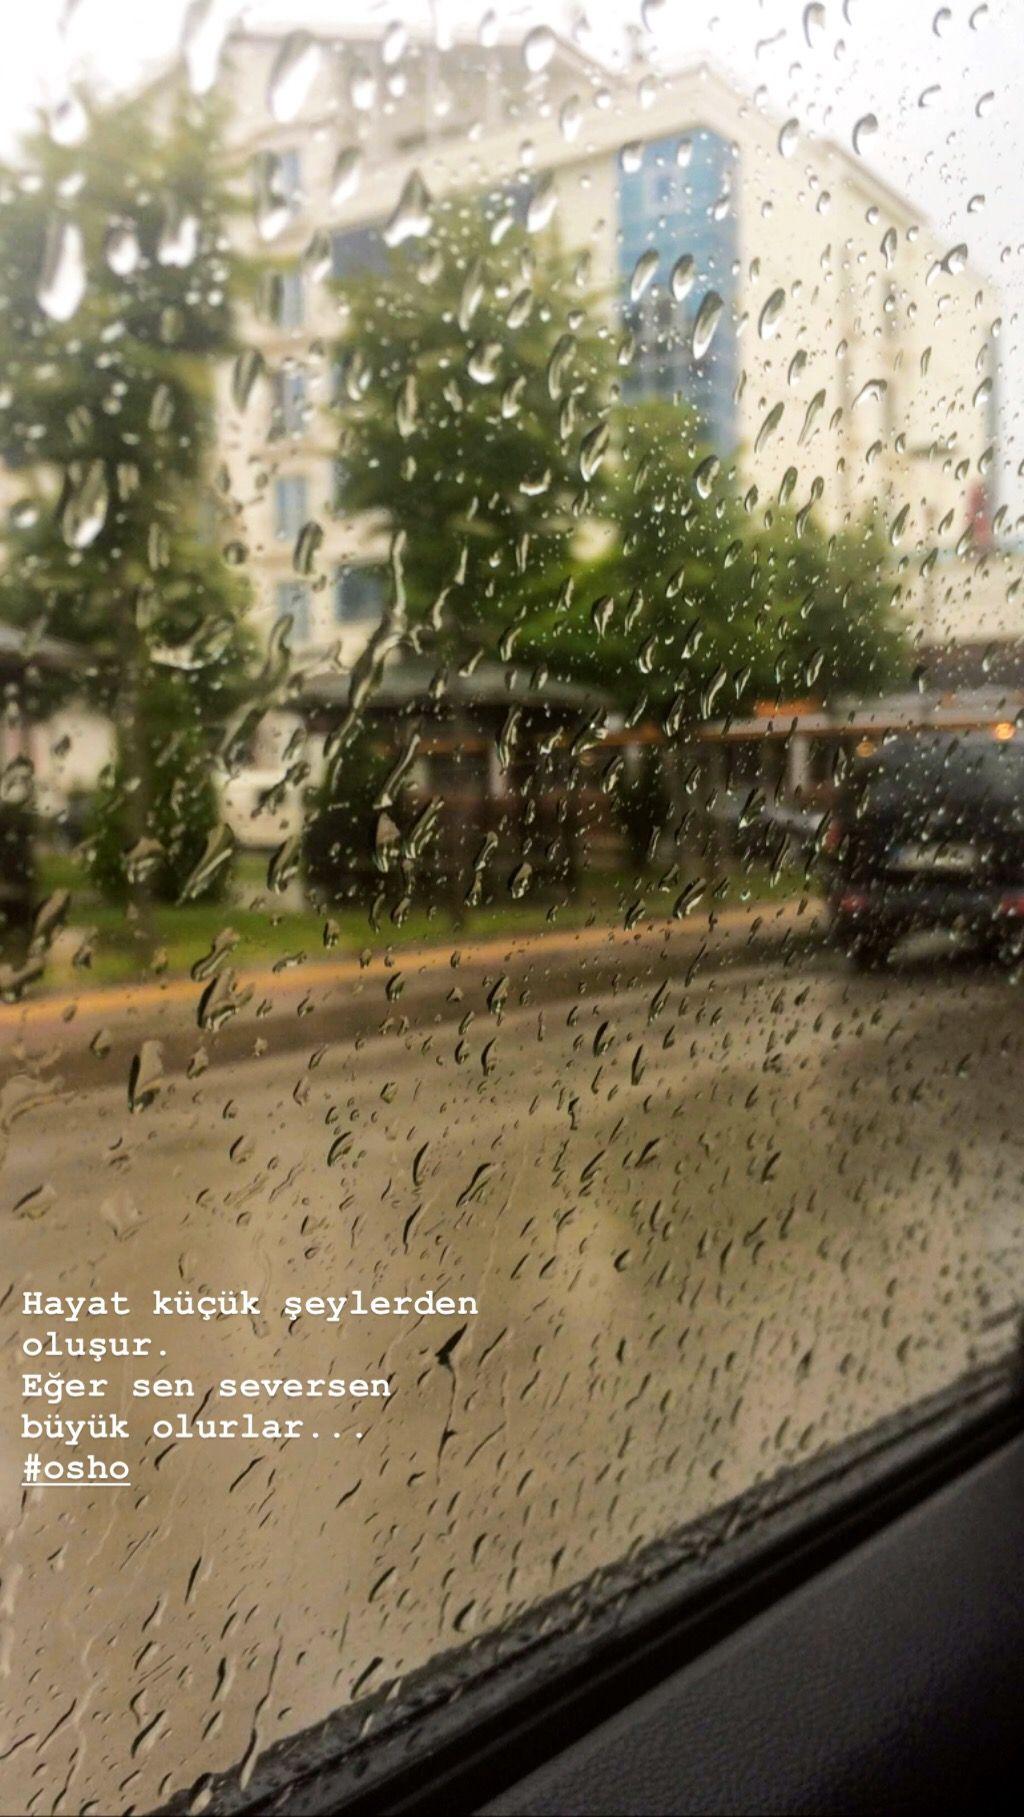 Zeynep Ayvazoglu Adli Kullanicinin Guzel Sozler Panosundaki Pin Maneviyat Fotograf Ipuclari Instagram